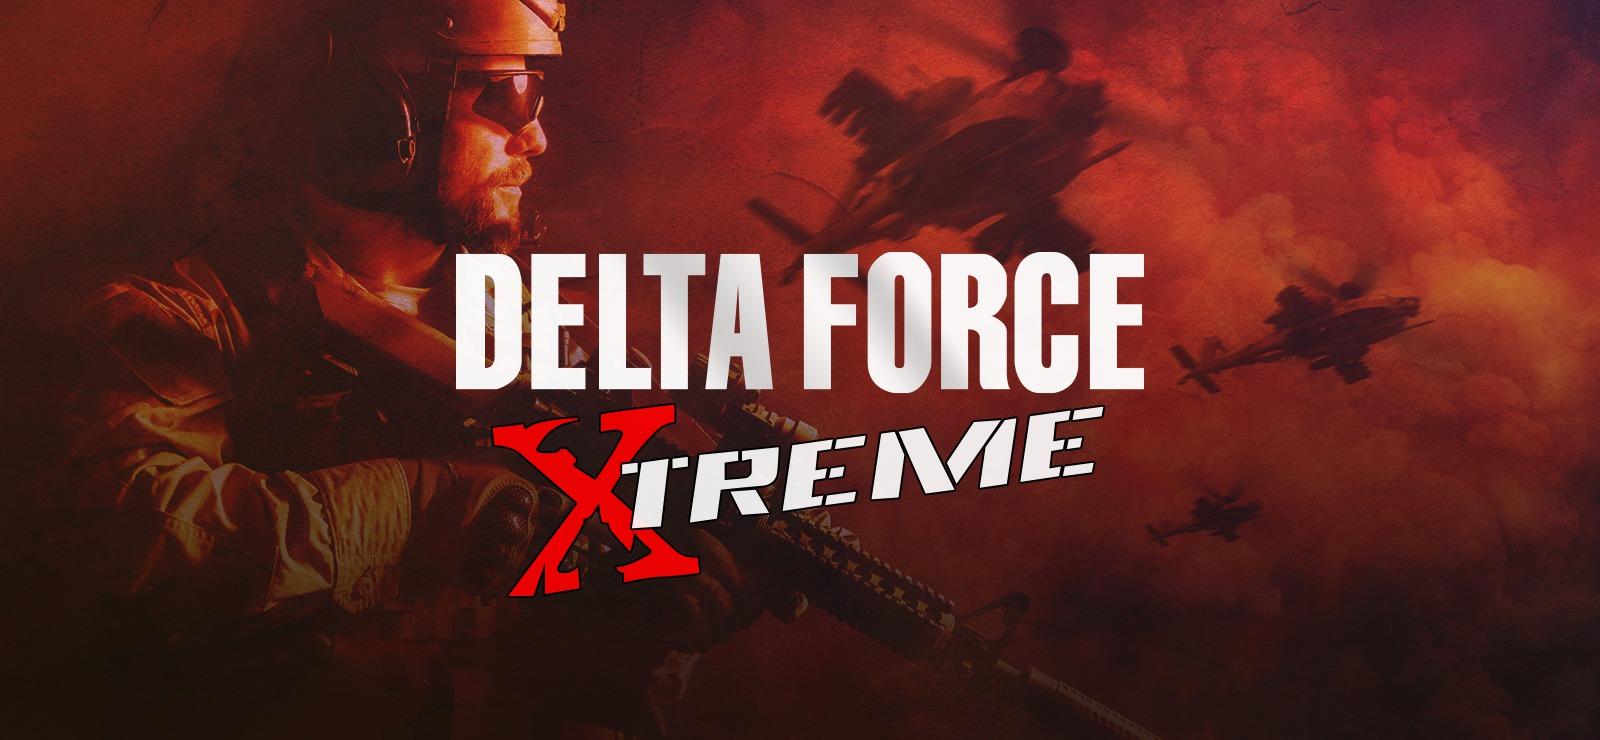 Delta Force: Xtreme Delta Force : Xtreme 2 - Telecharger gratuit